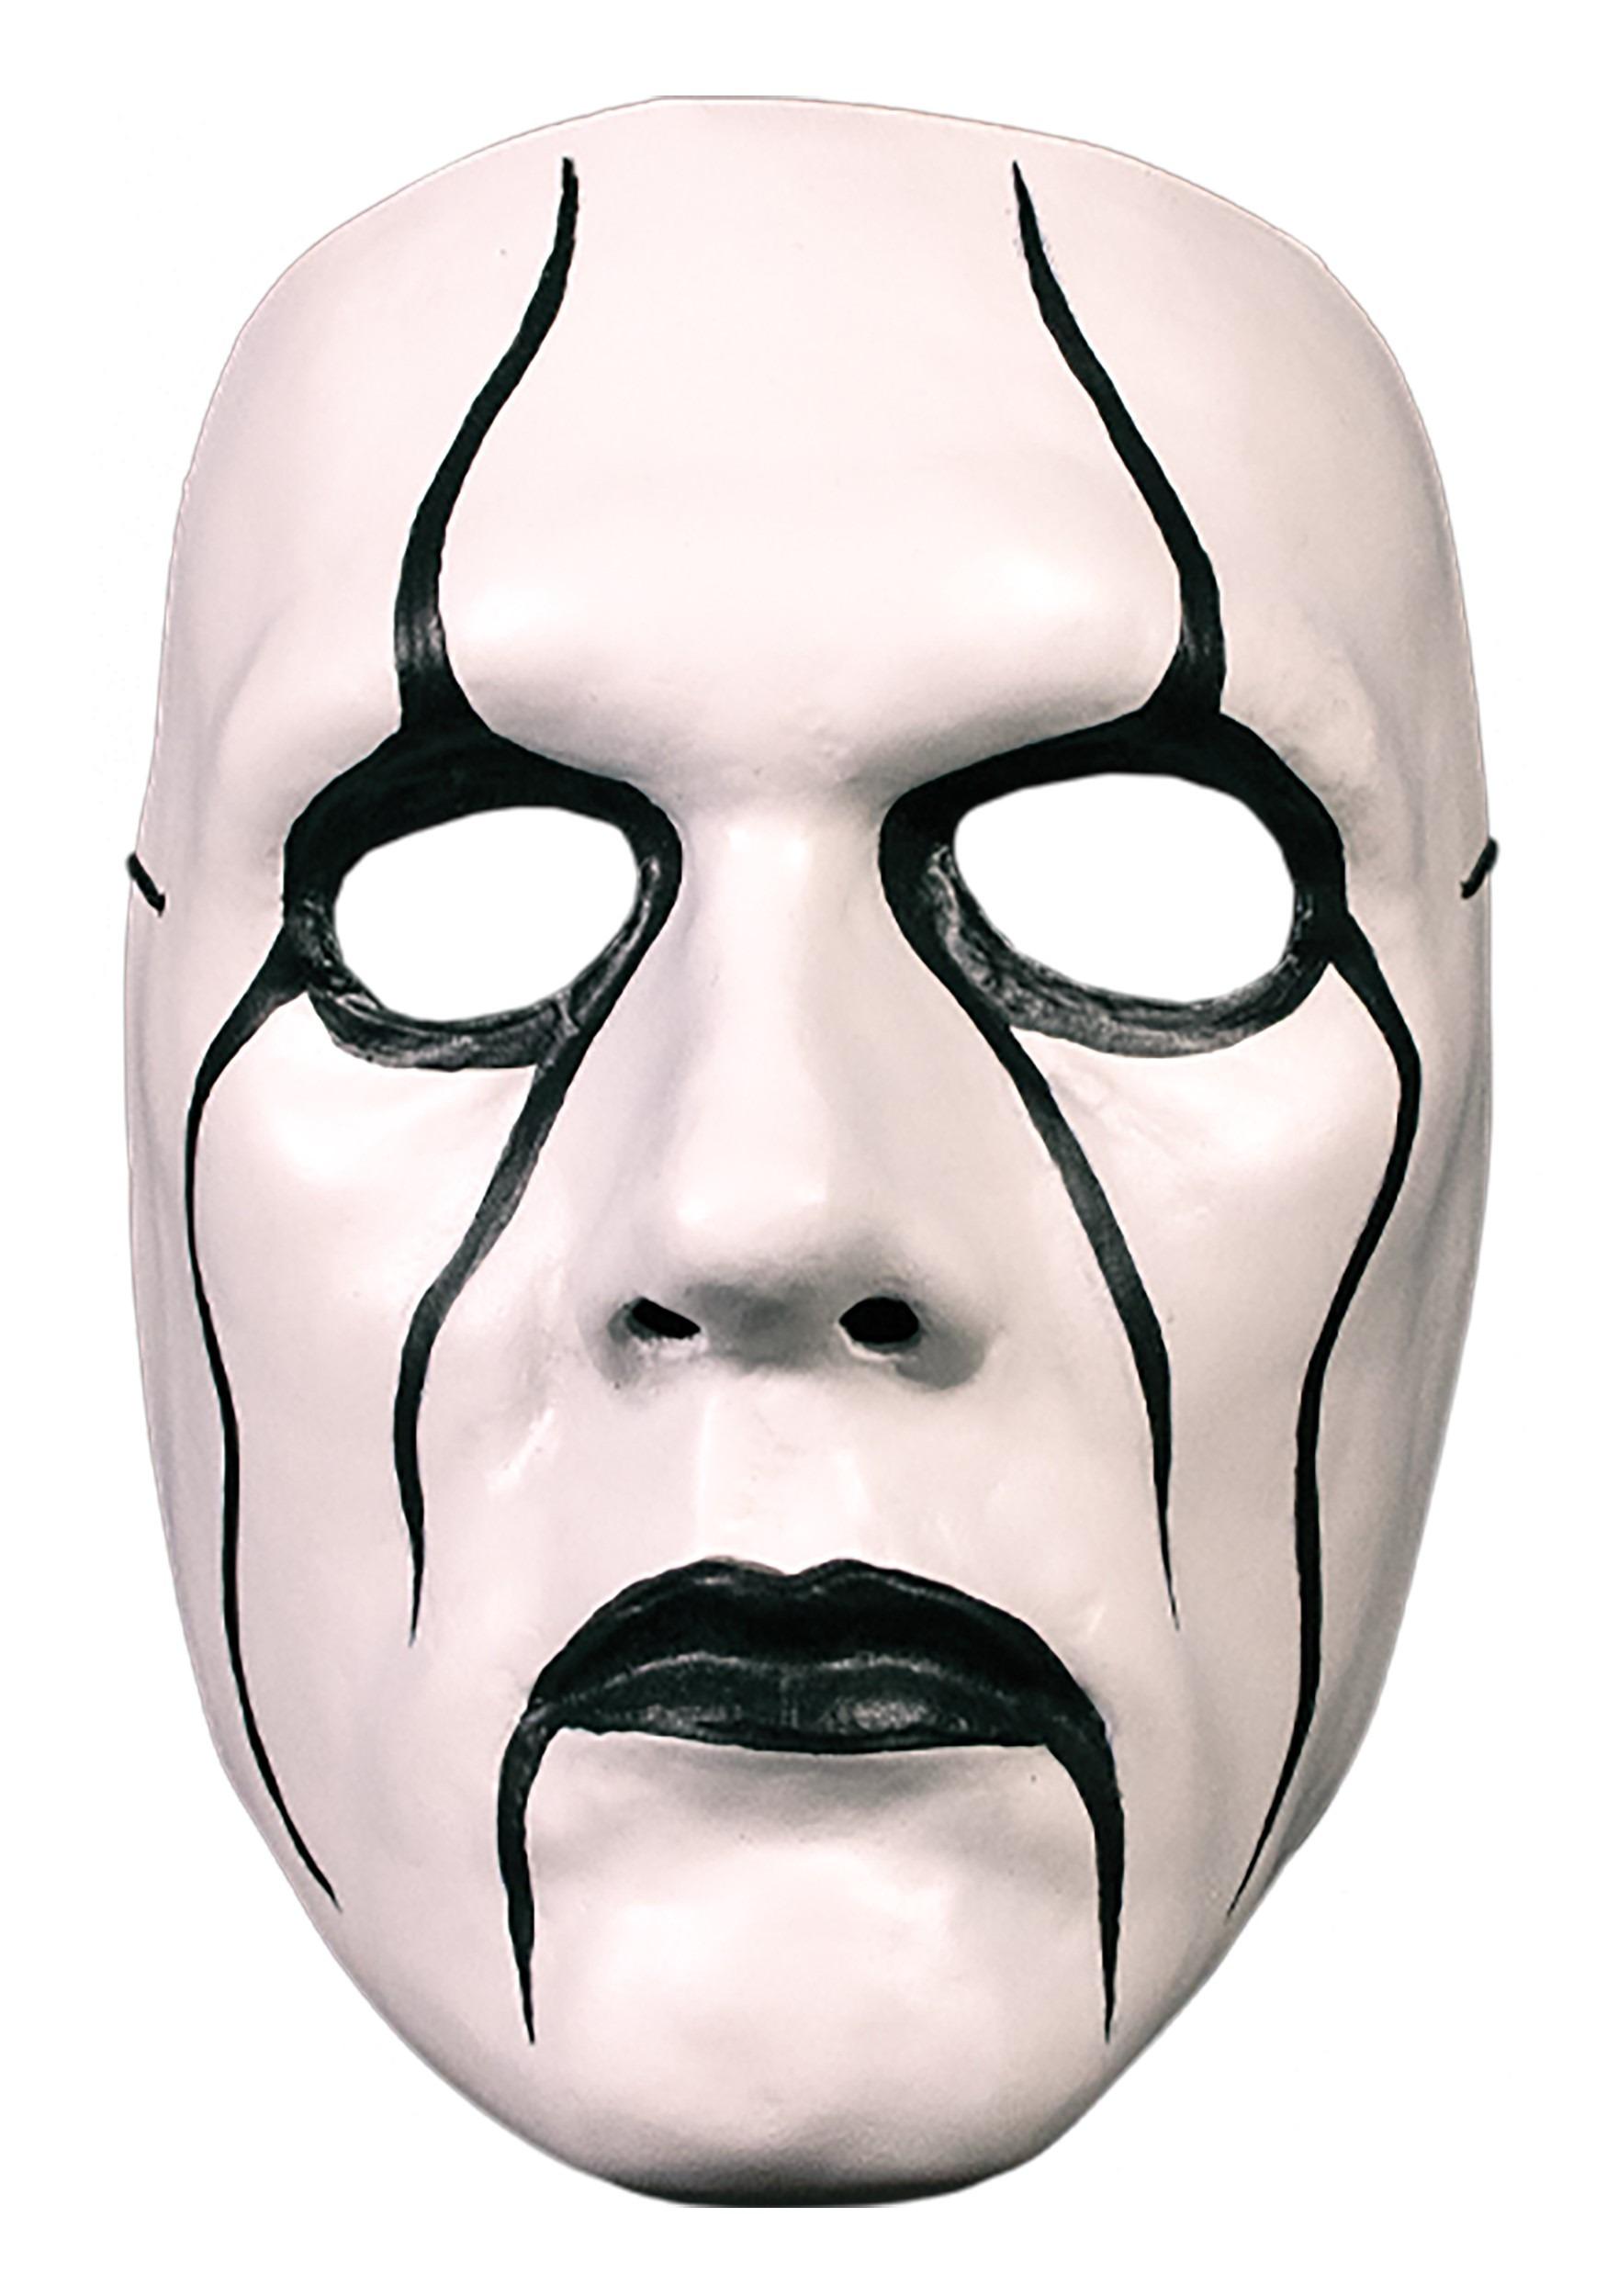 Sting Face Paint : sting, paint, Action, Figures, Sting, Vinyl